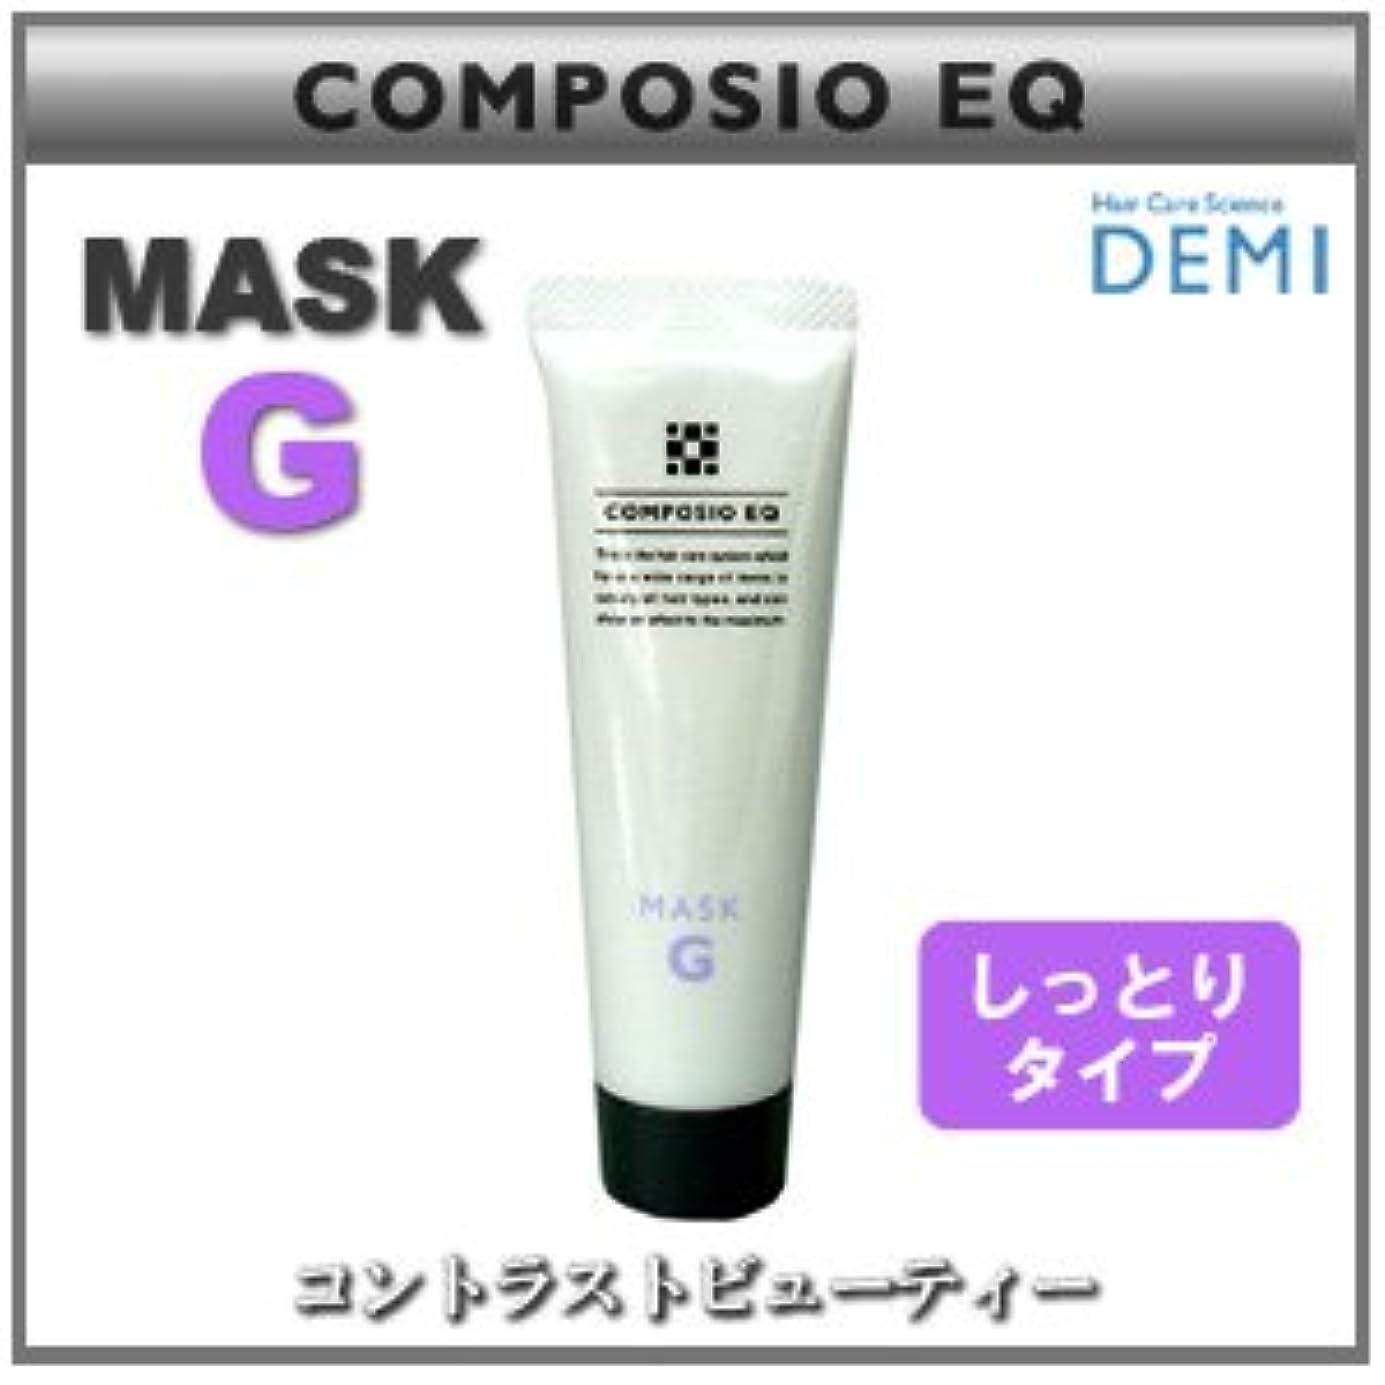 割り込みネブエステート【X3個セット】 デミ コンポジオ EQ マスク G 50g